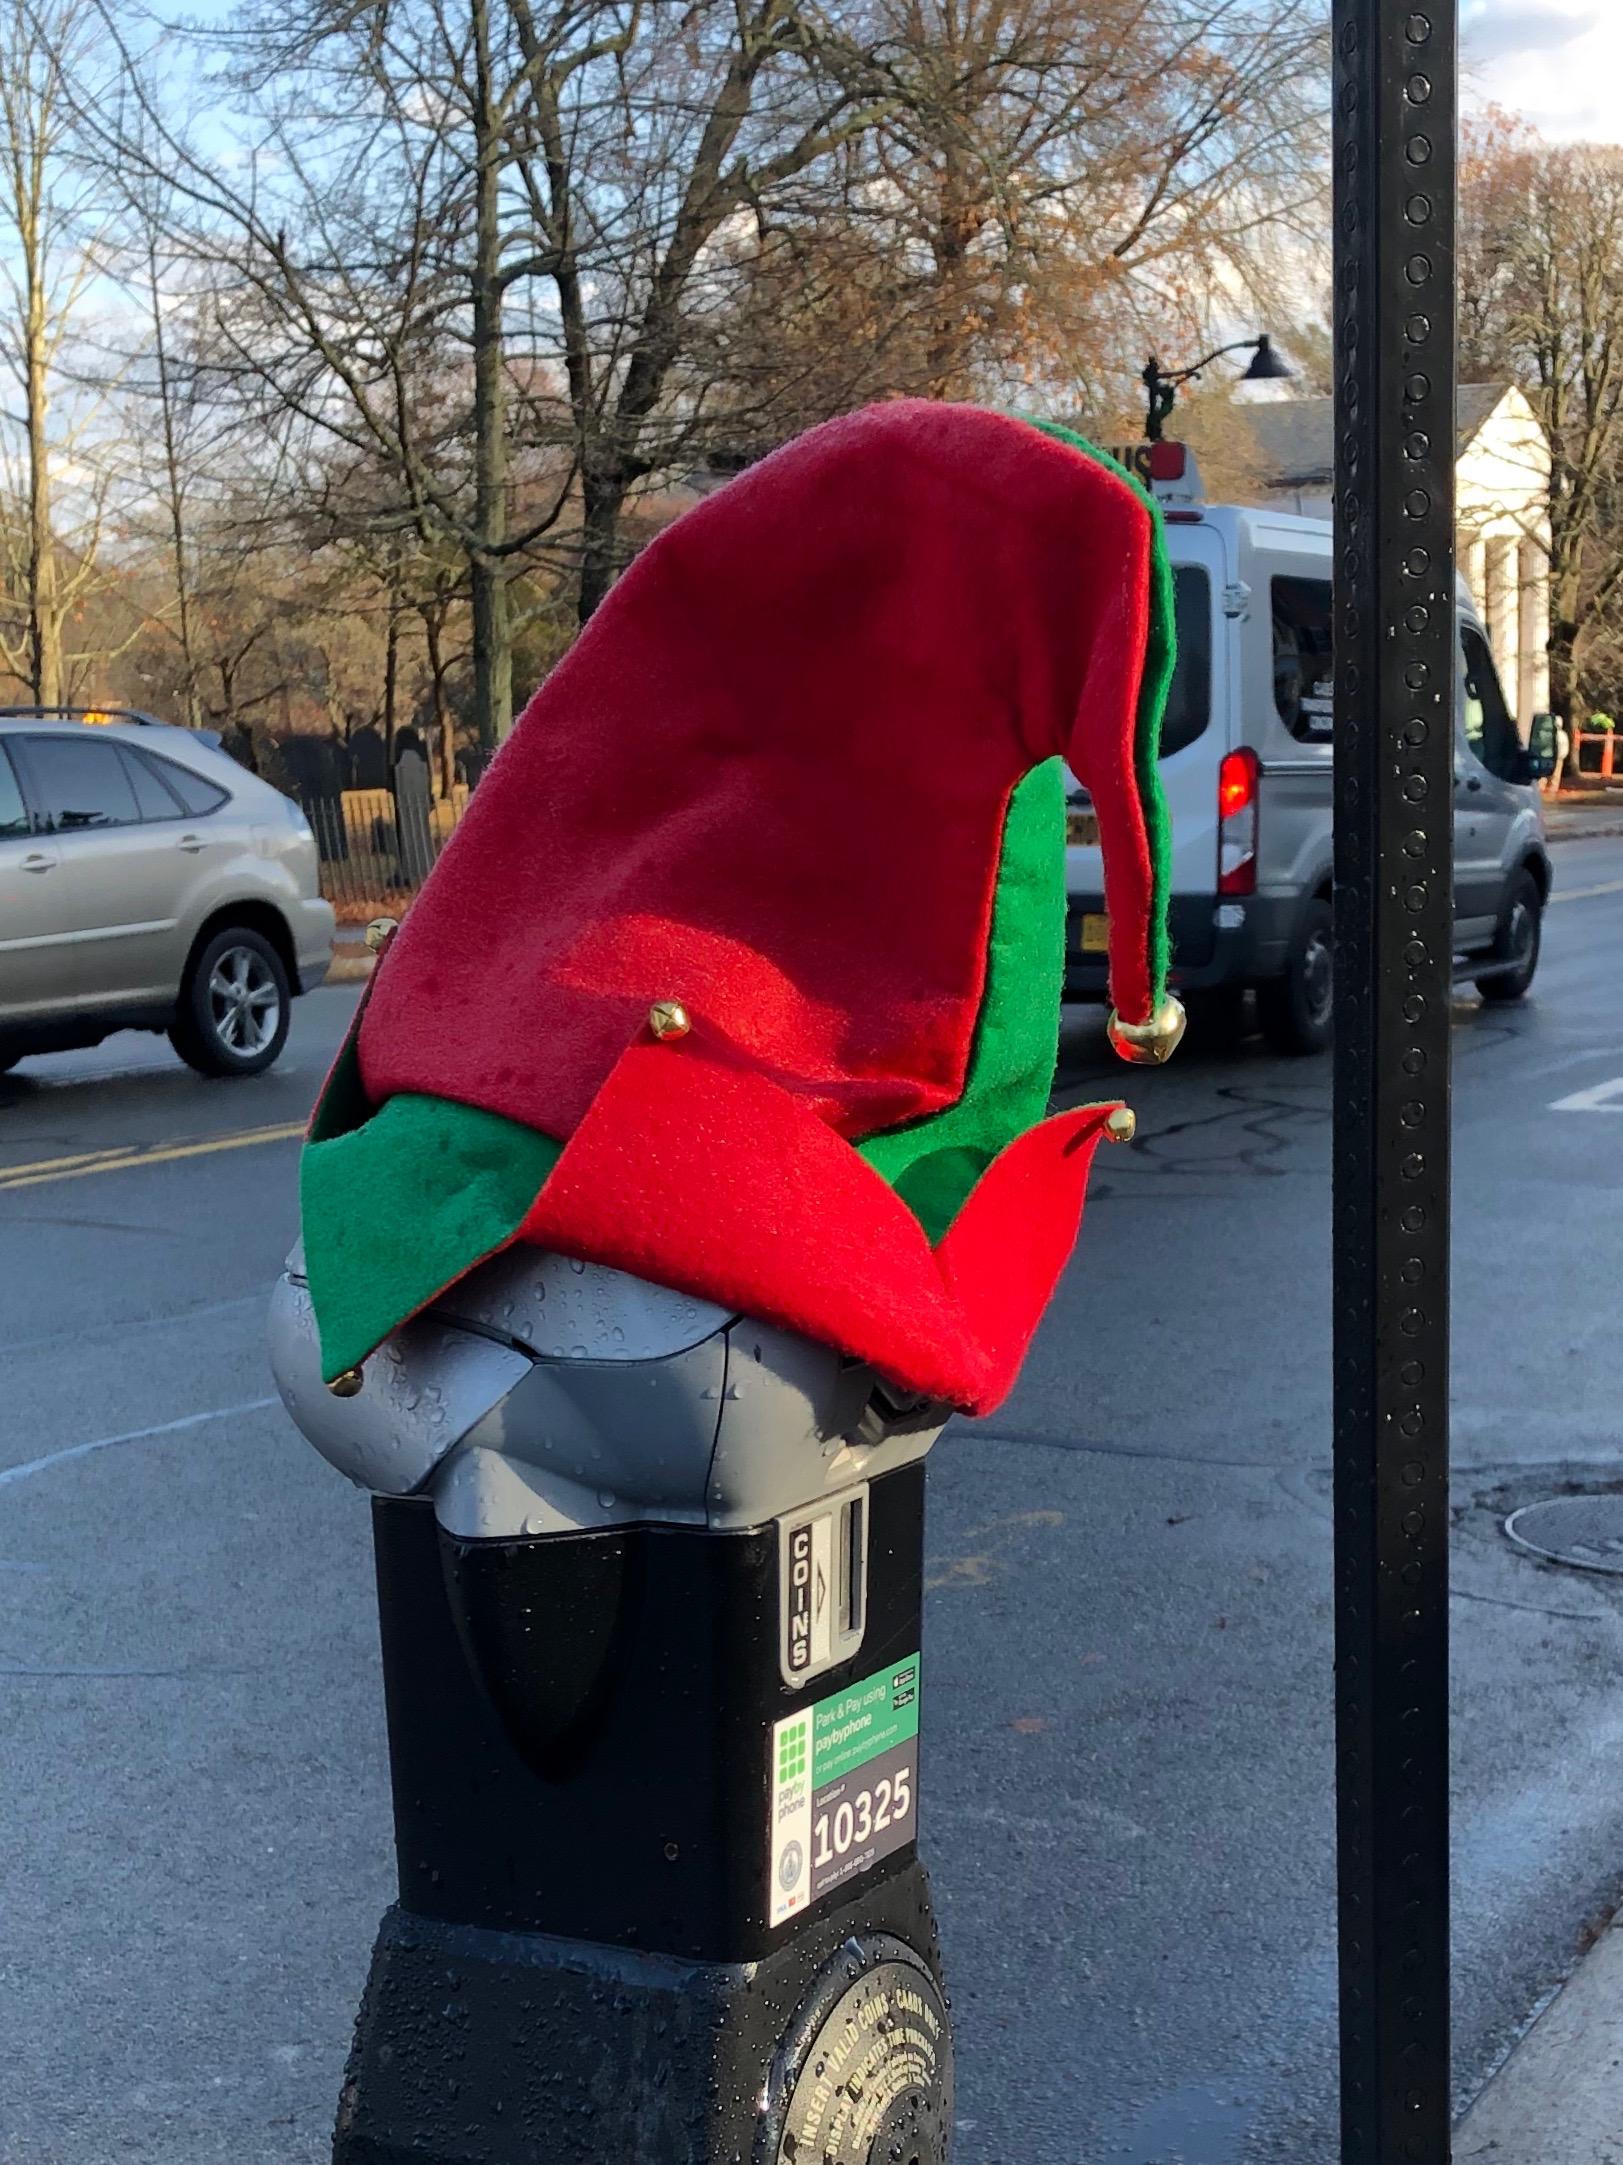 120318-elf-hat-on-meter